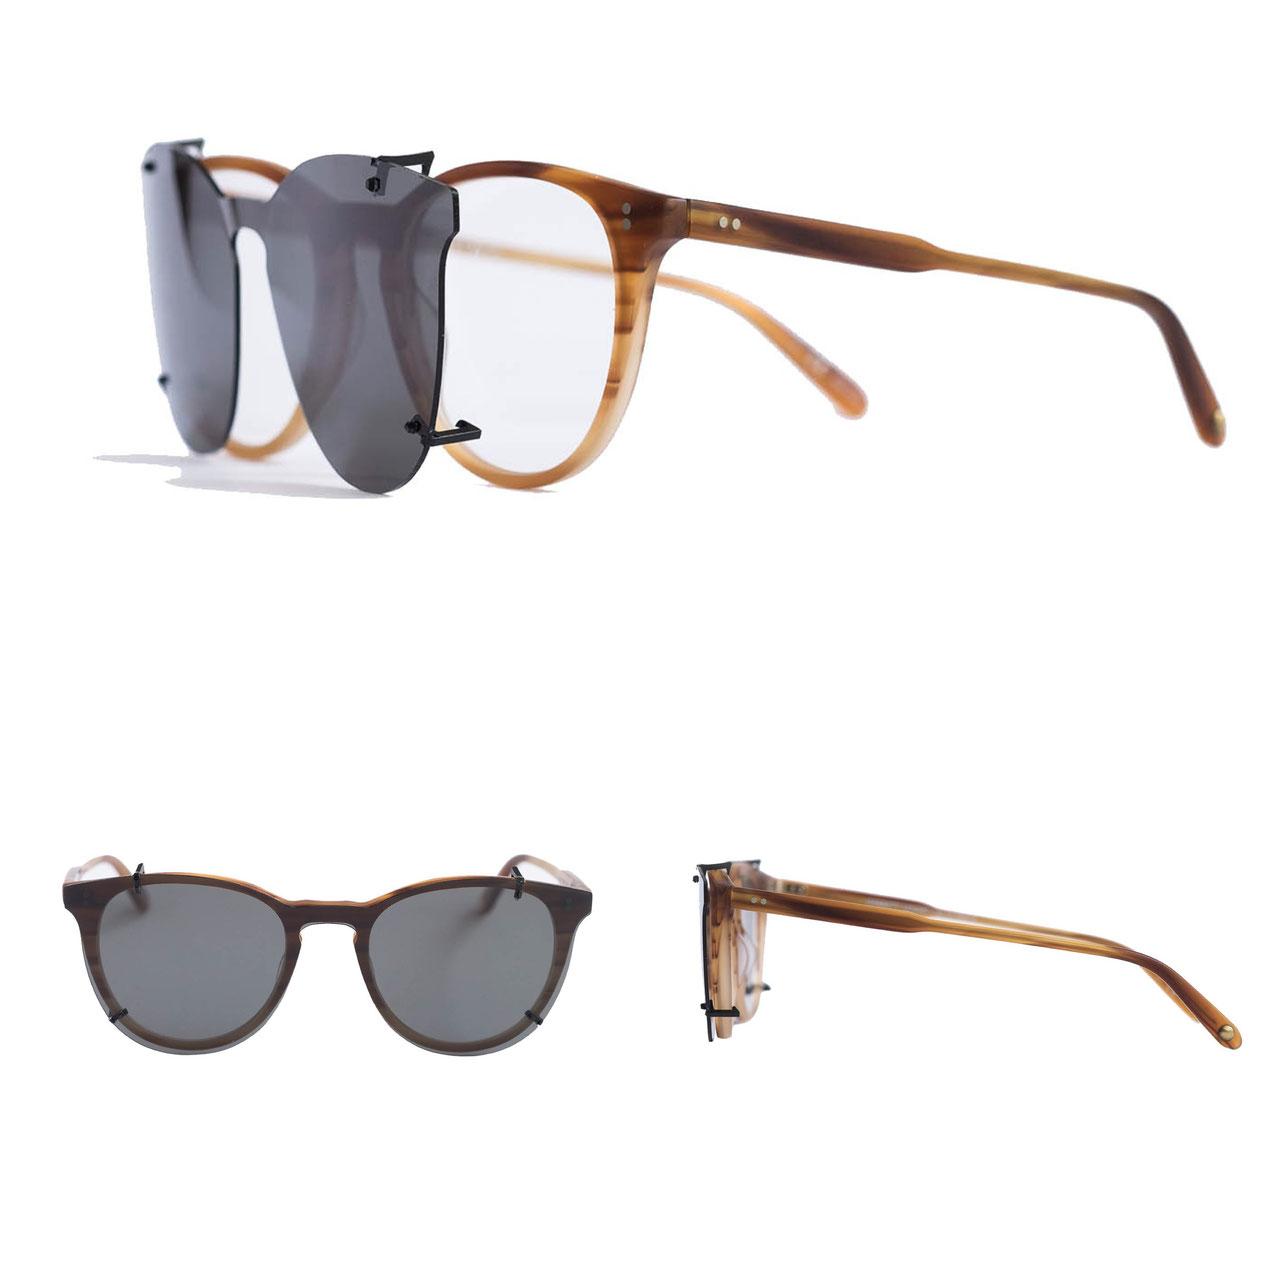 sonnenbrillen aufsatz test